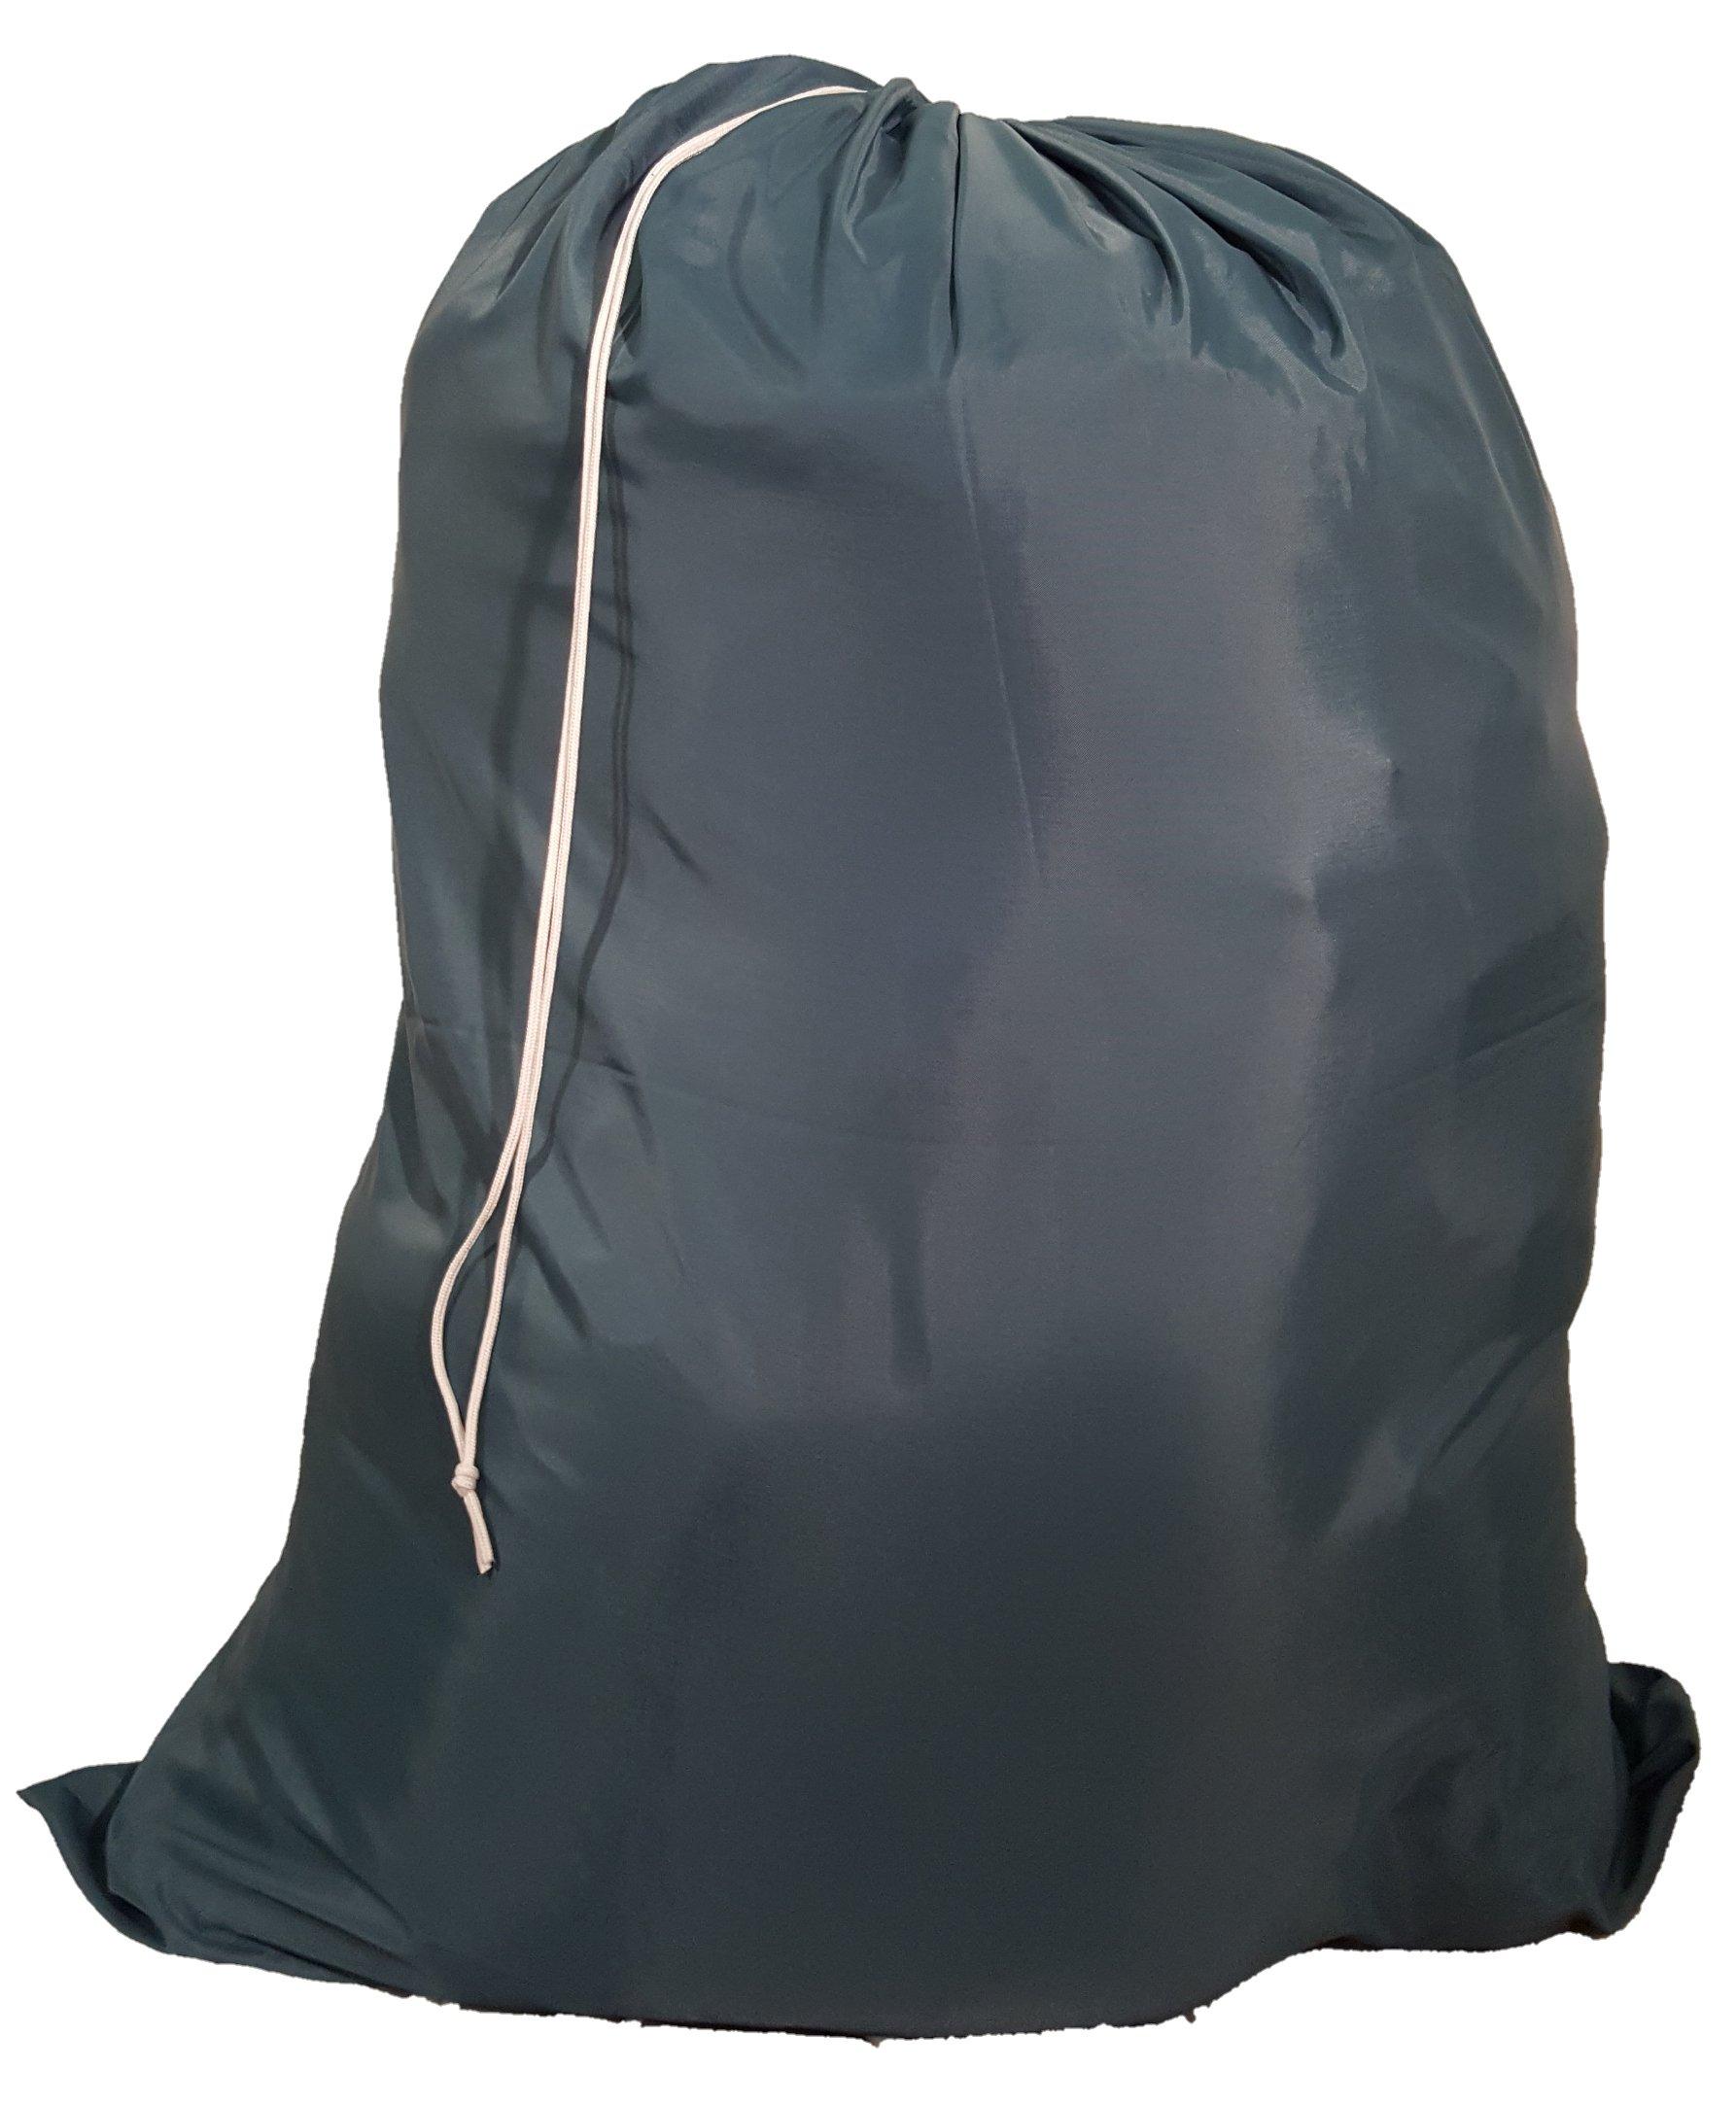 Heavy Duty 40x50 Nylon Laundry Bag